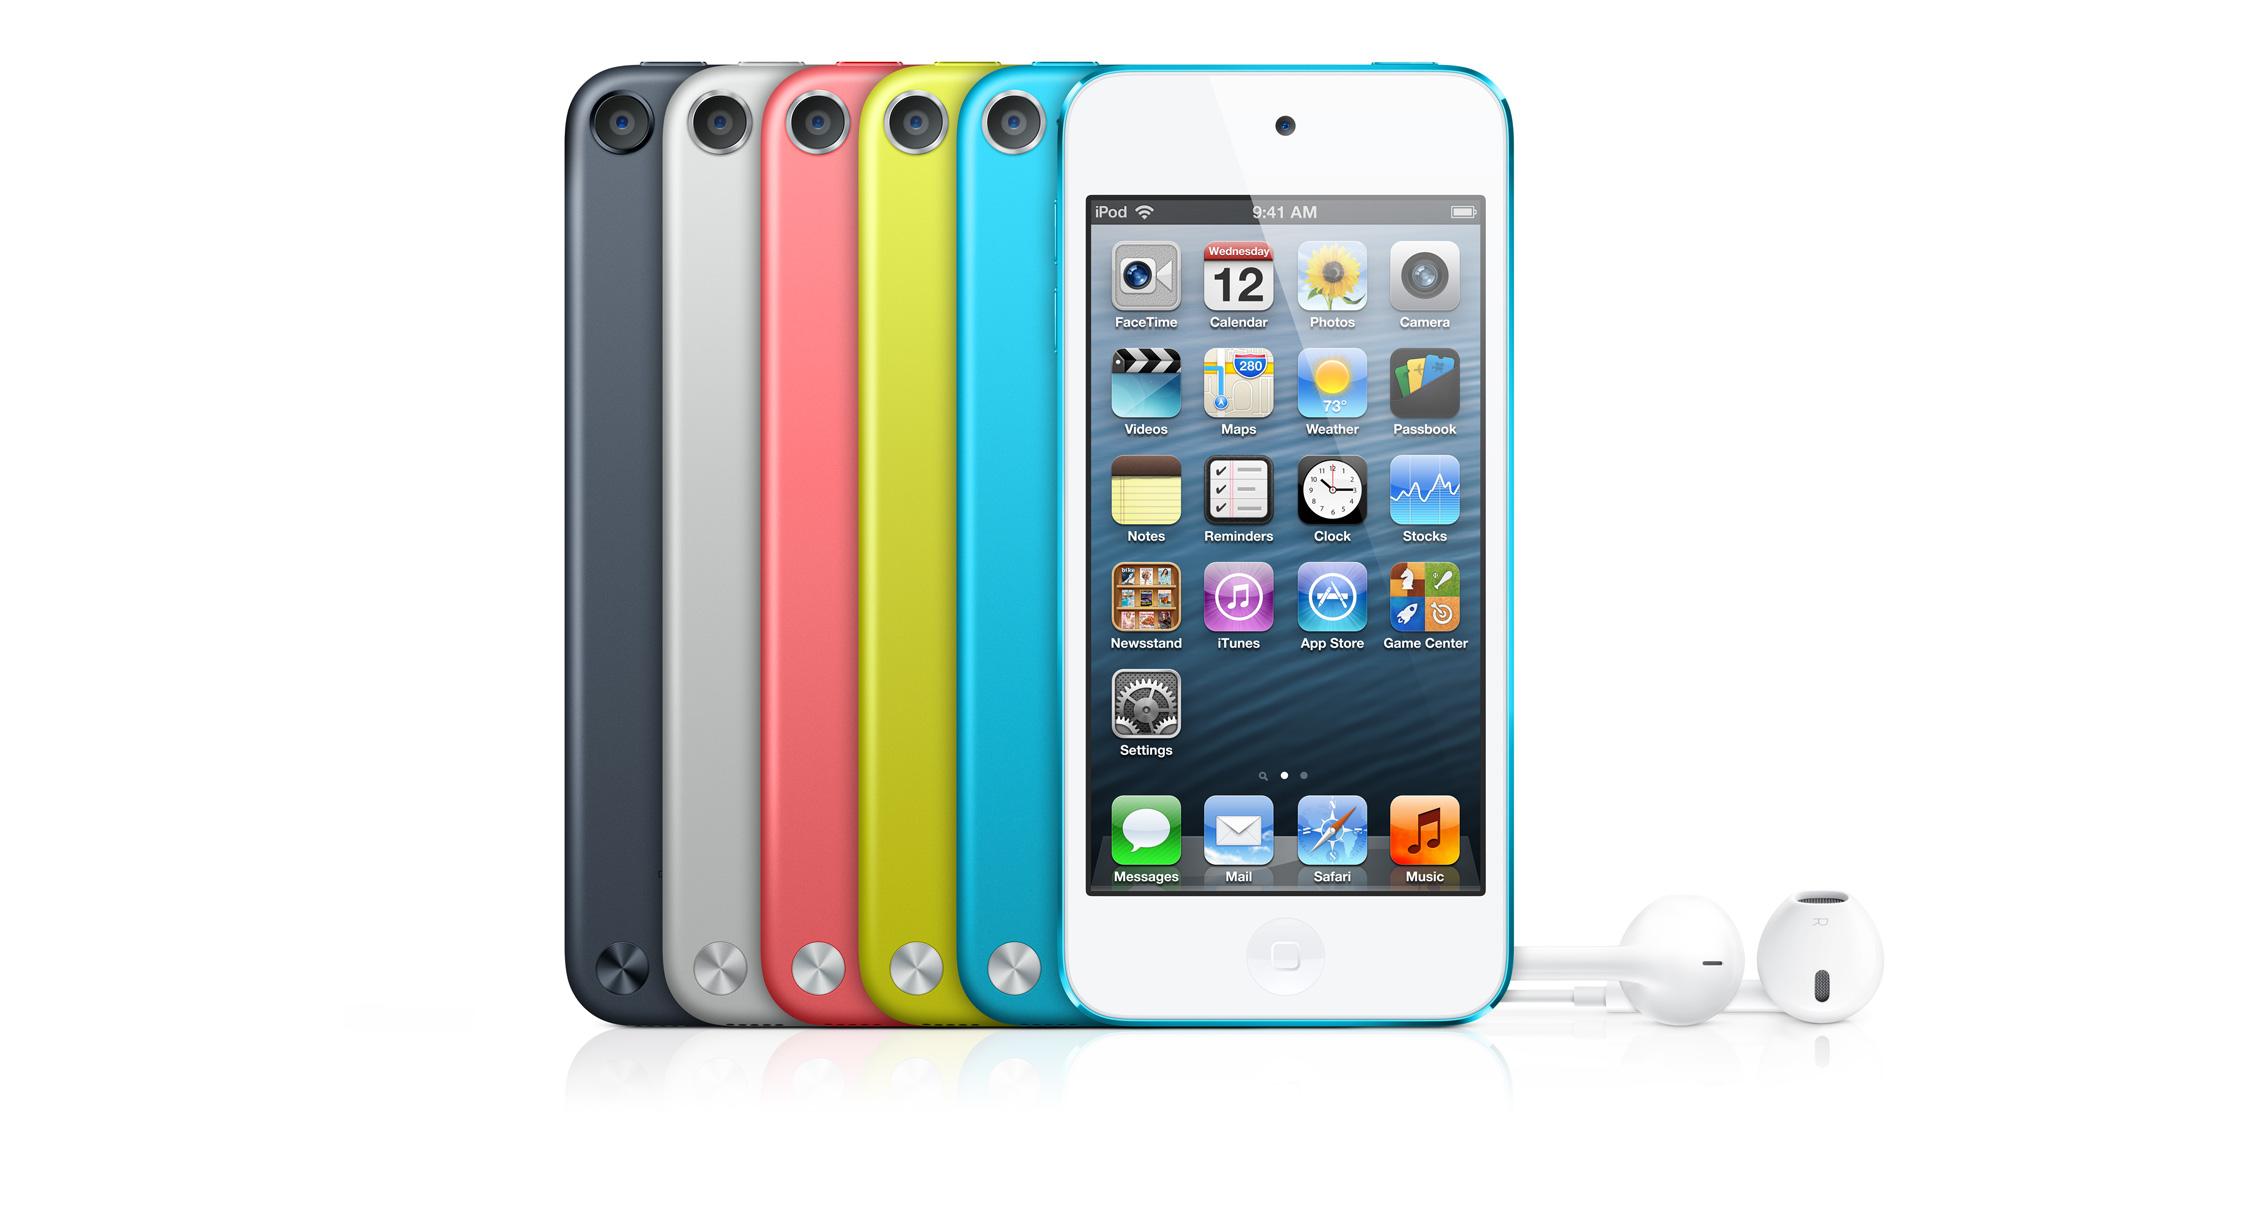 รวมเรื่อง iPod Touch, iPod Nano และของอื่นๆ รุ่นใหม่ในงานเปิดตัว iPhone 5